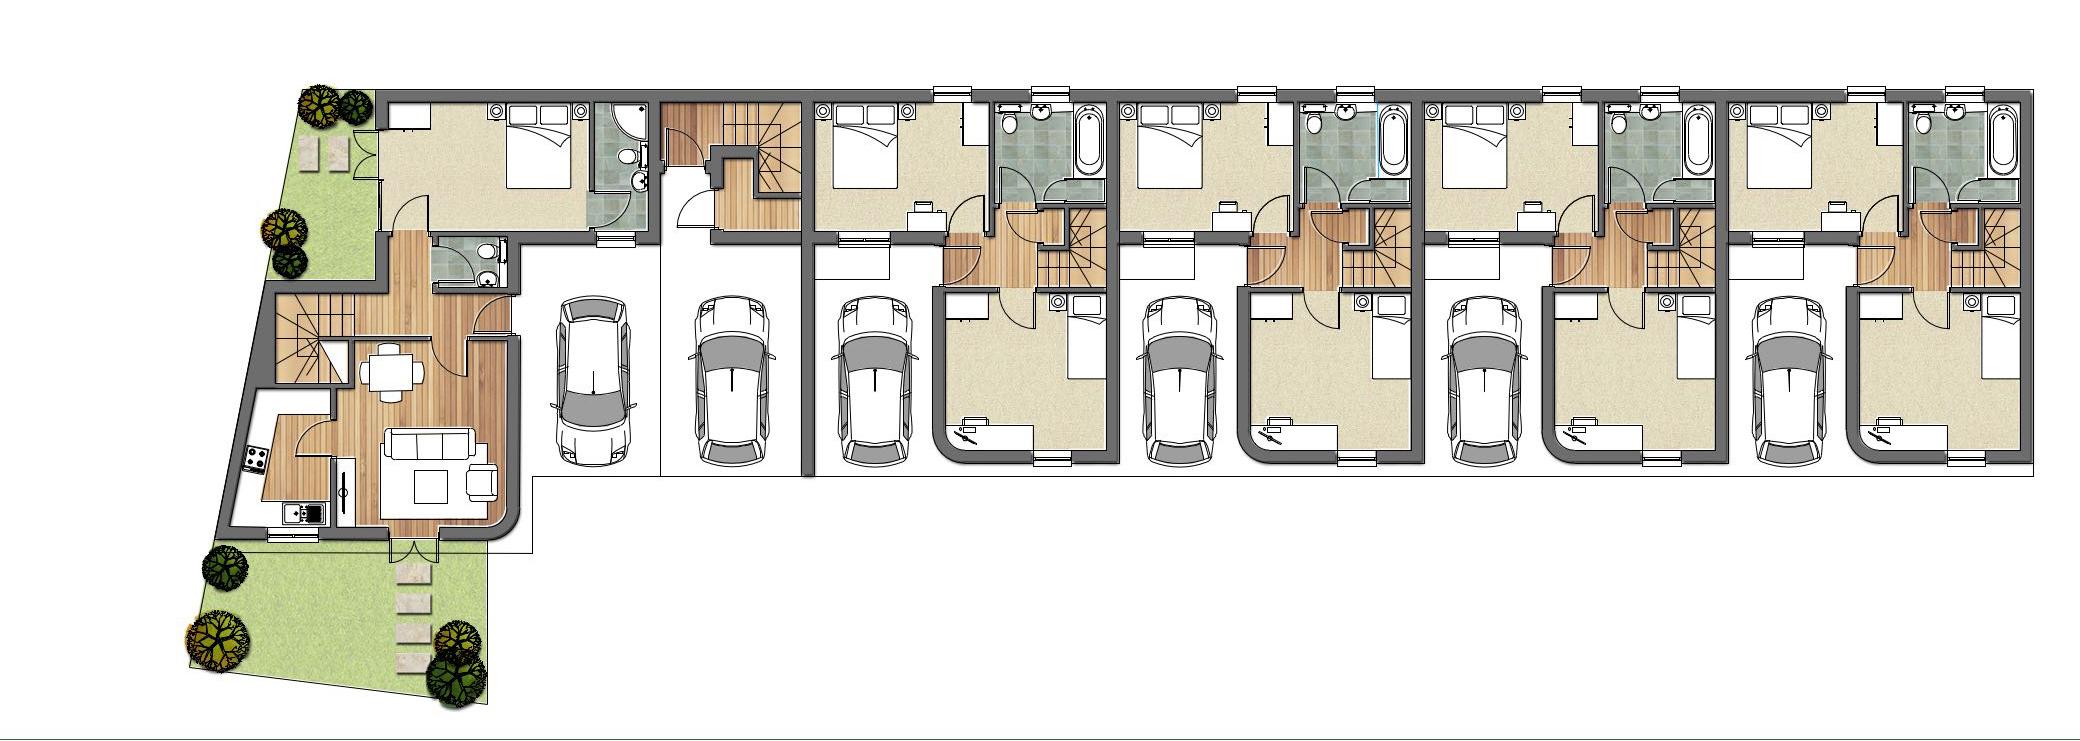 A173-Conyer's Road - Floor Plans 1.jpg